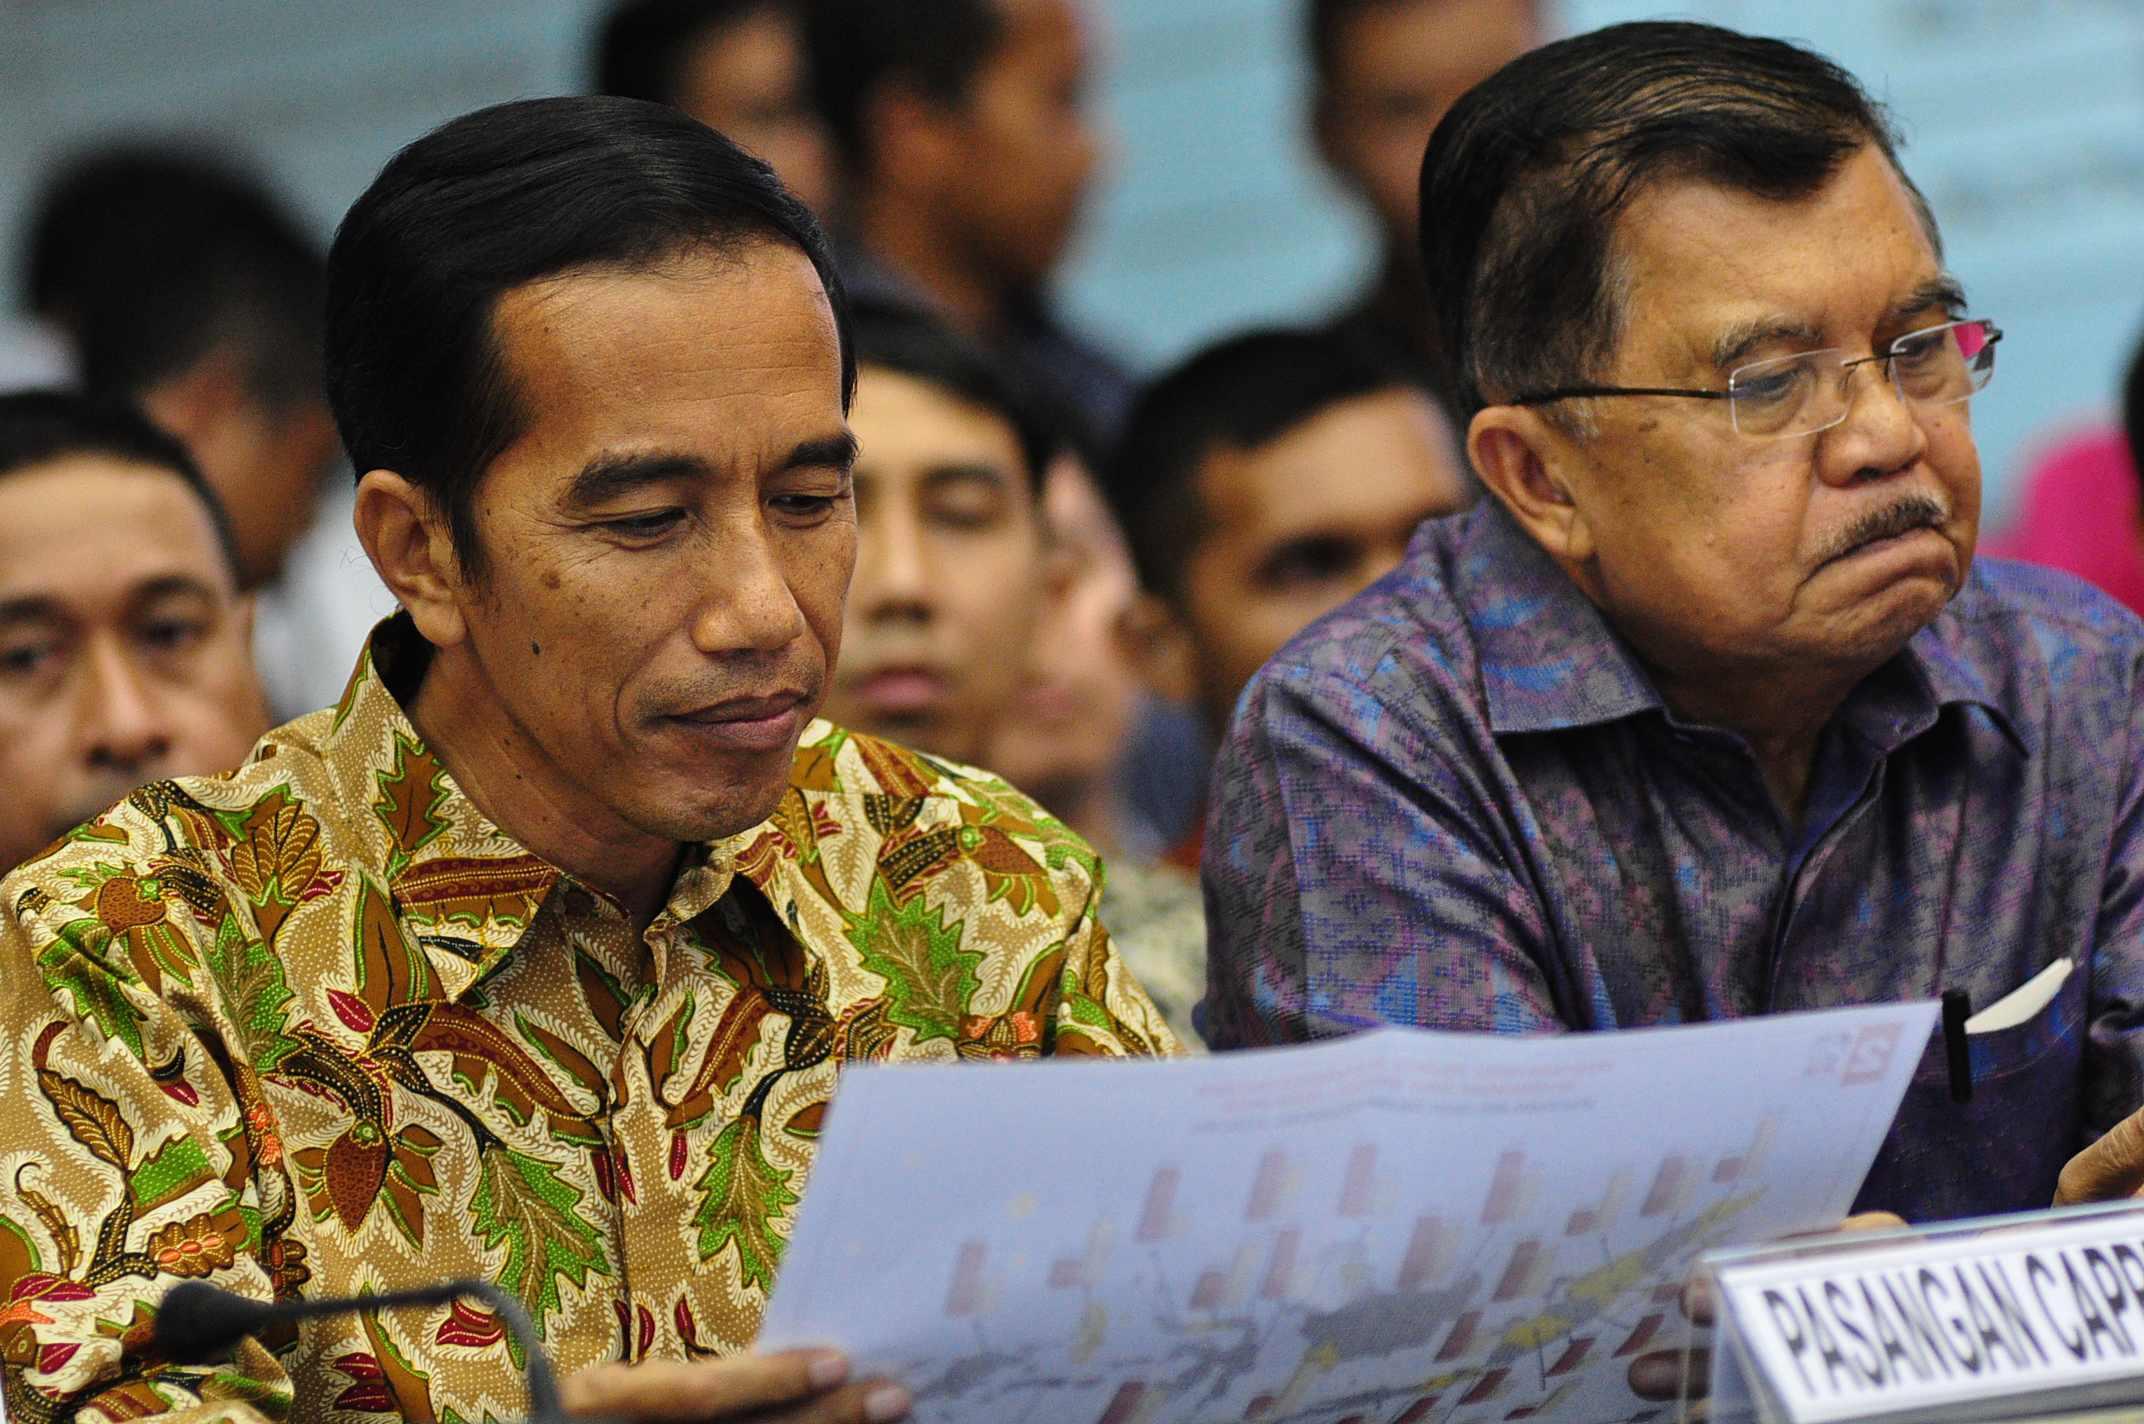 Kabinet Jokowi-JK Akhirnya Diumumkan Meskipun Mundur Satu Jam